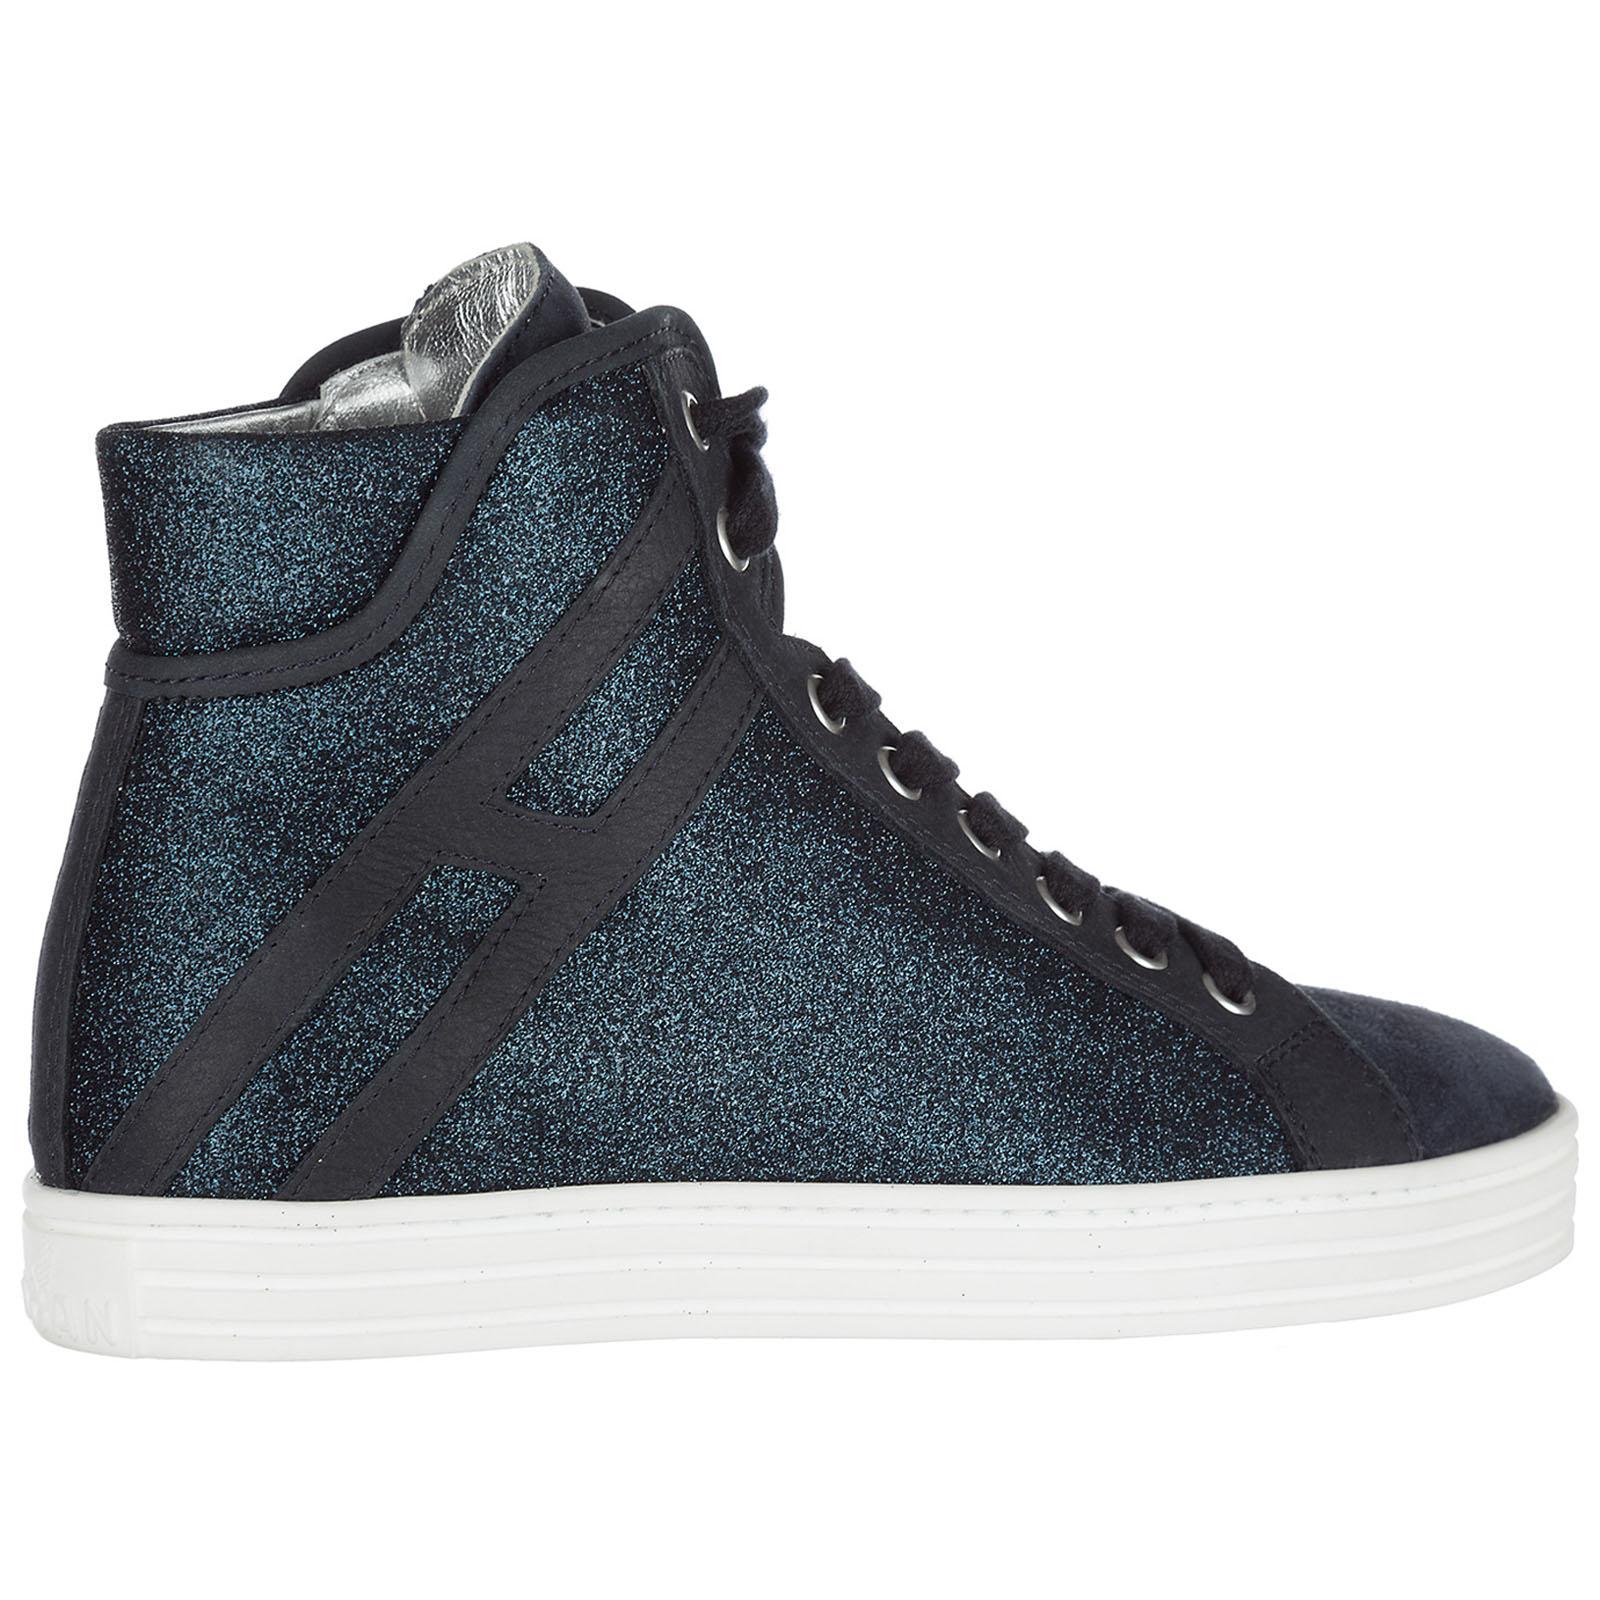 Sneakers alte Hogan Rebel R182 HXW1820I650GAQU810 blu denim  244ae6e46a0